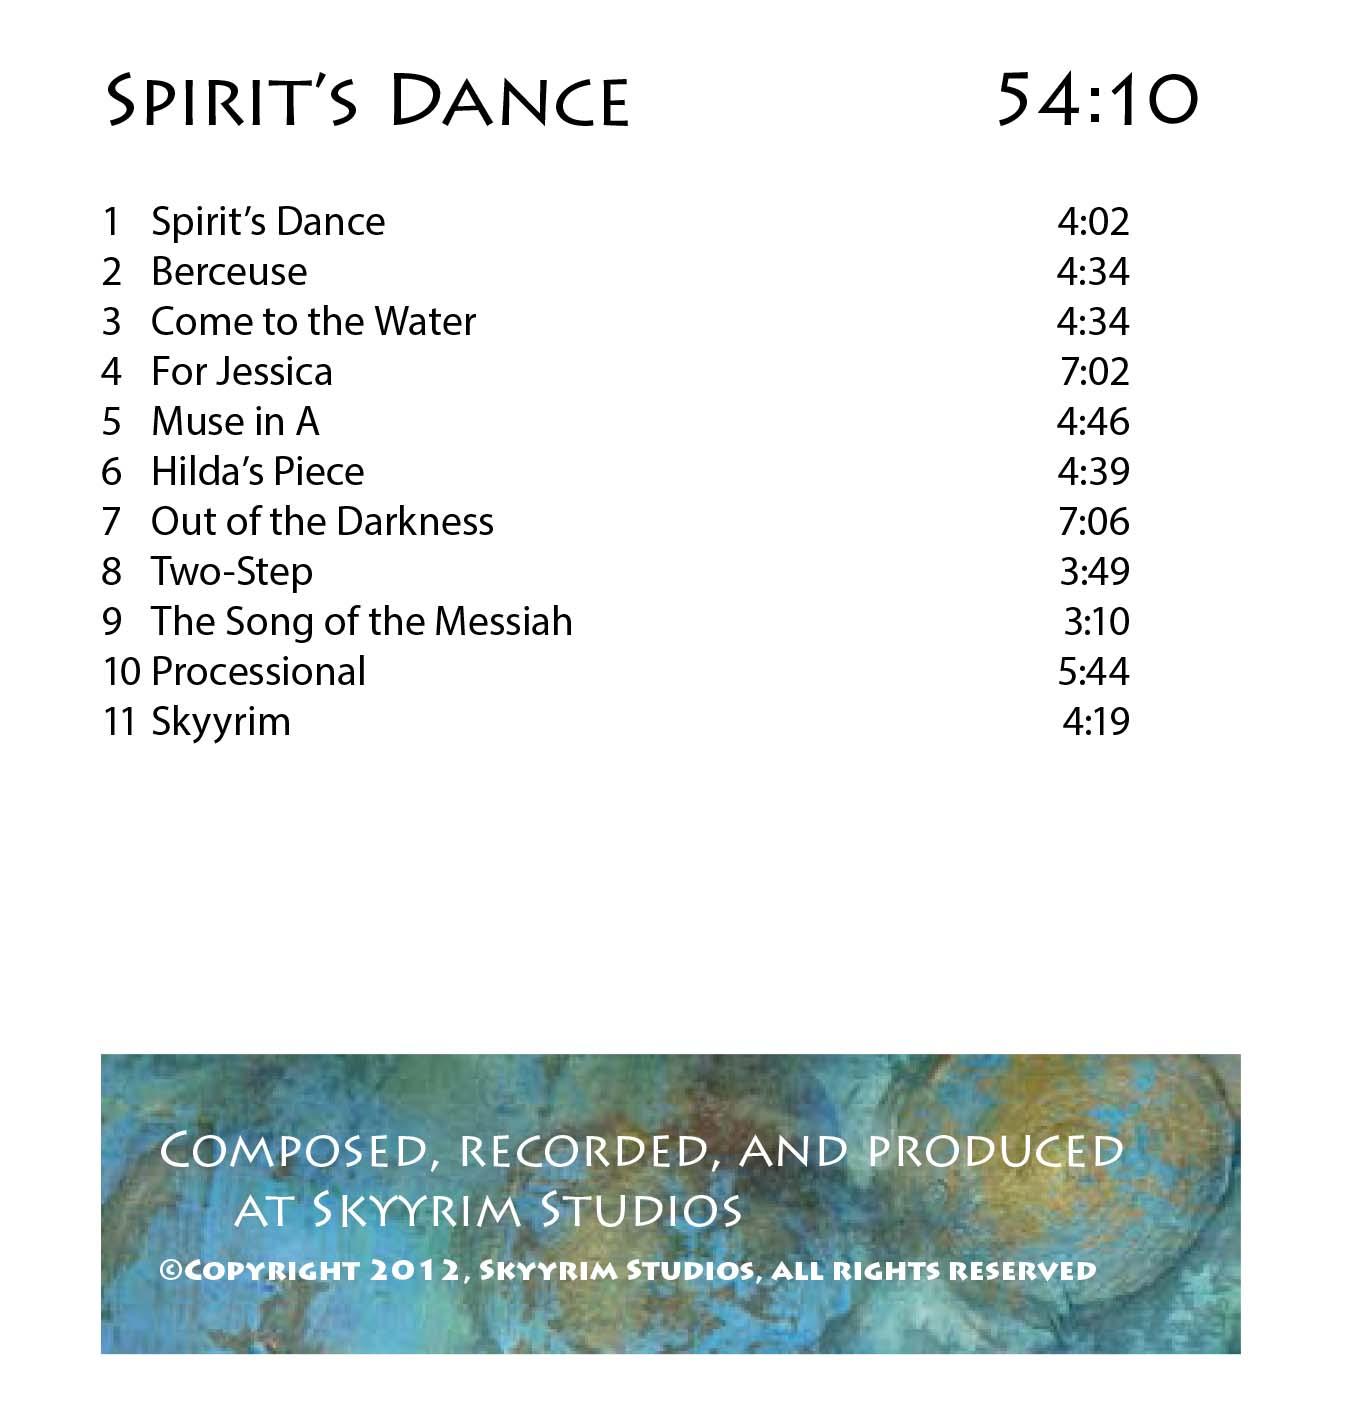 Spirits-Dance-play-list